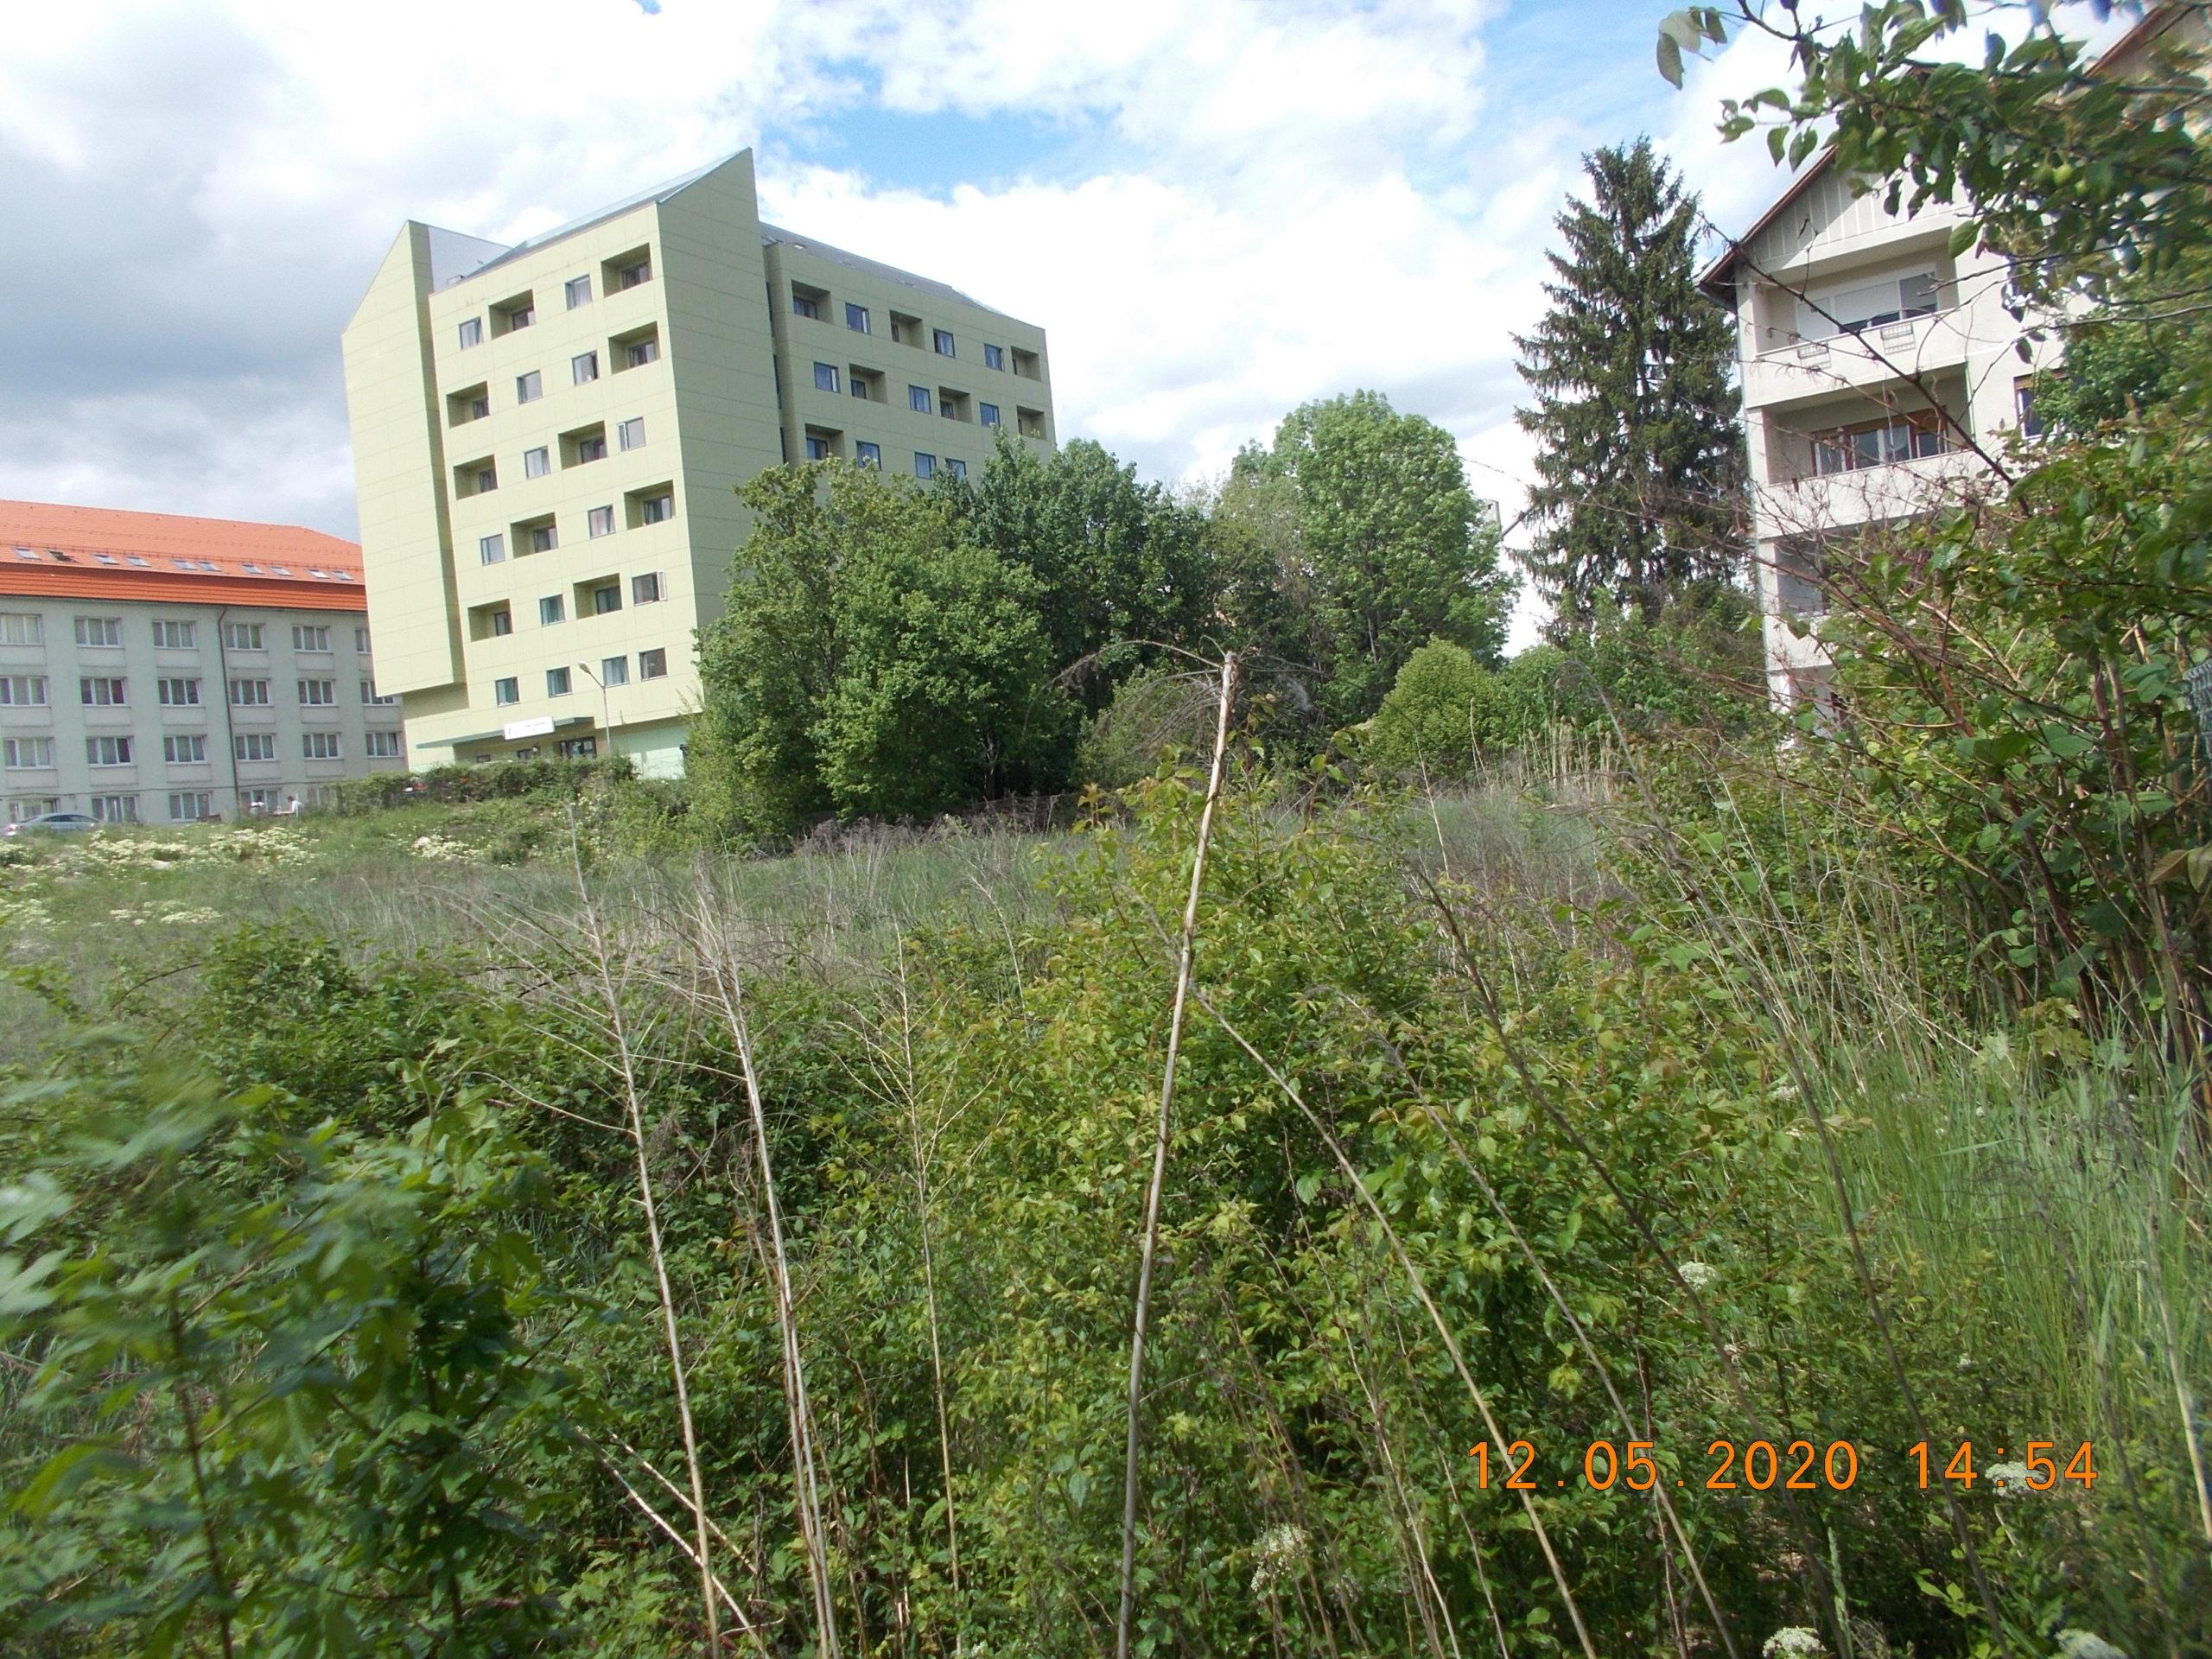 Poliția Locală continuă activitățile de verificare a terenurilor neîngrijite din Sibiu